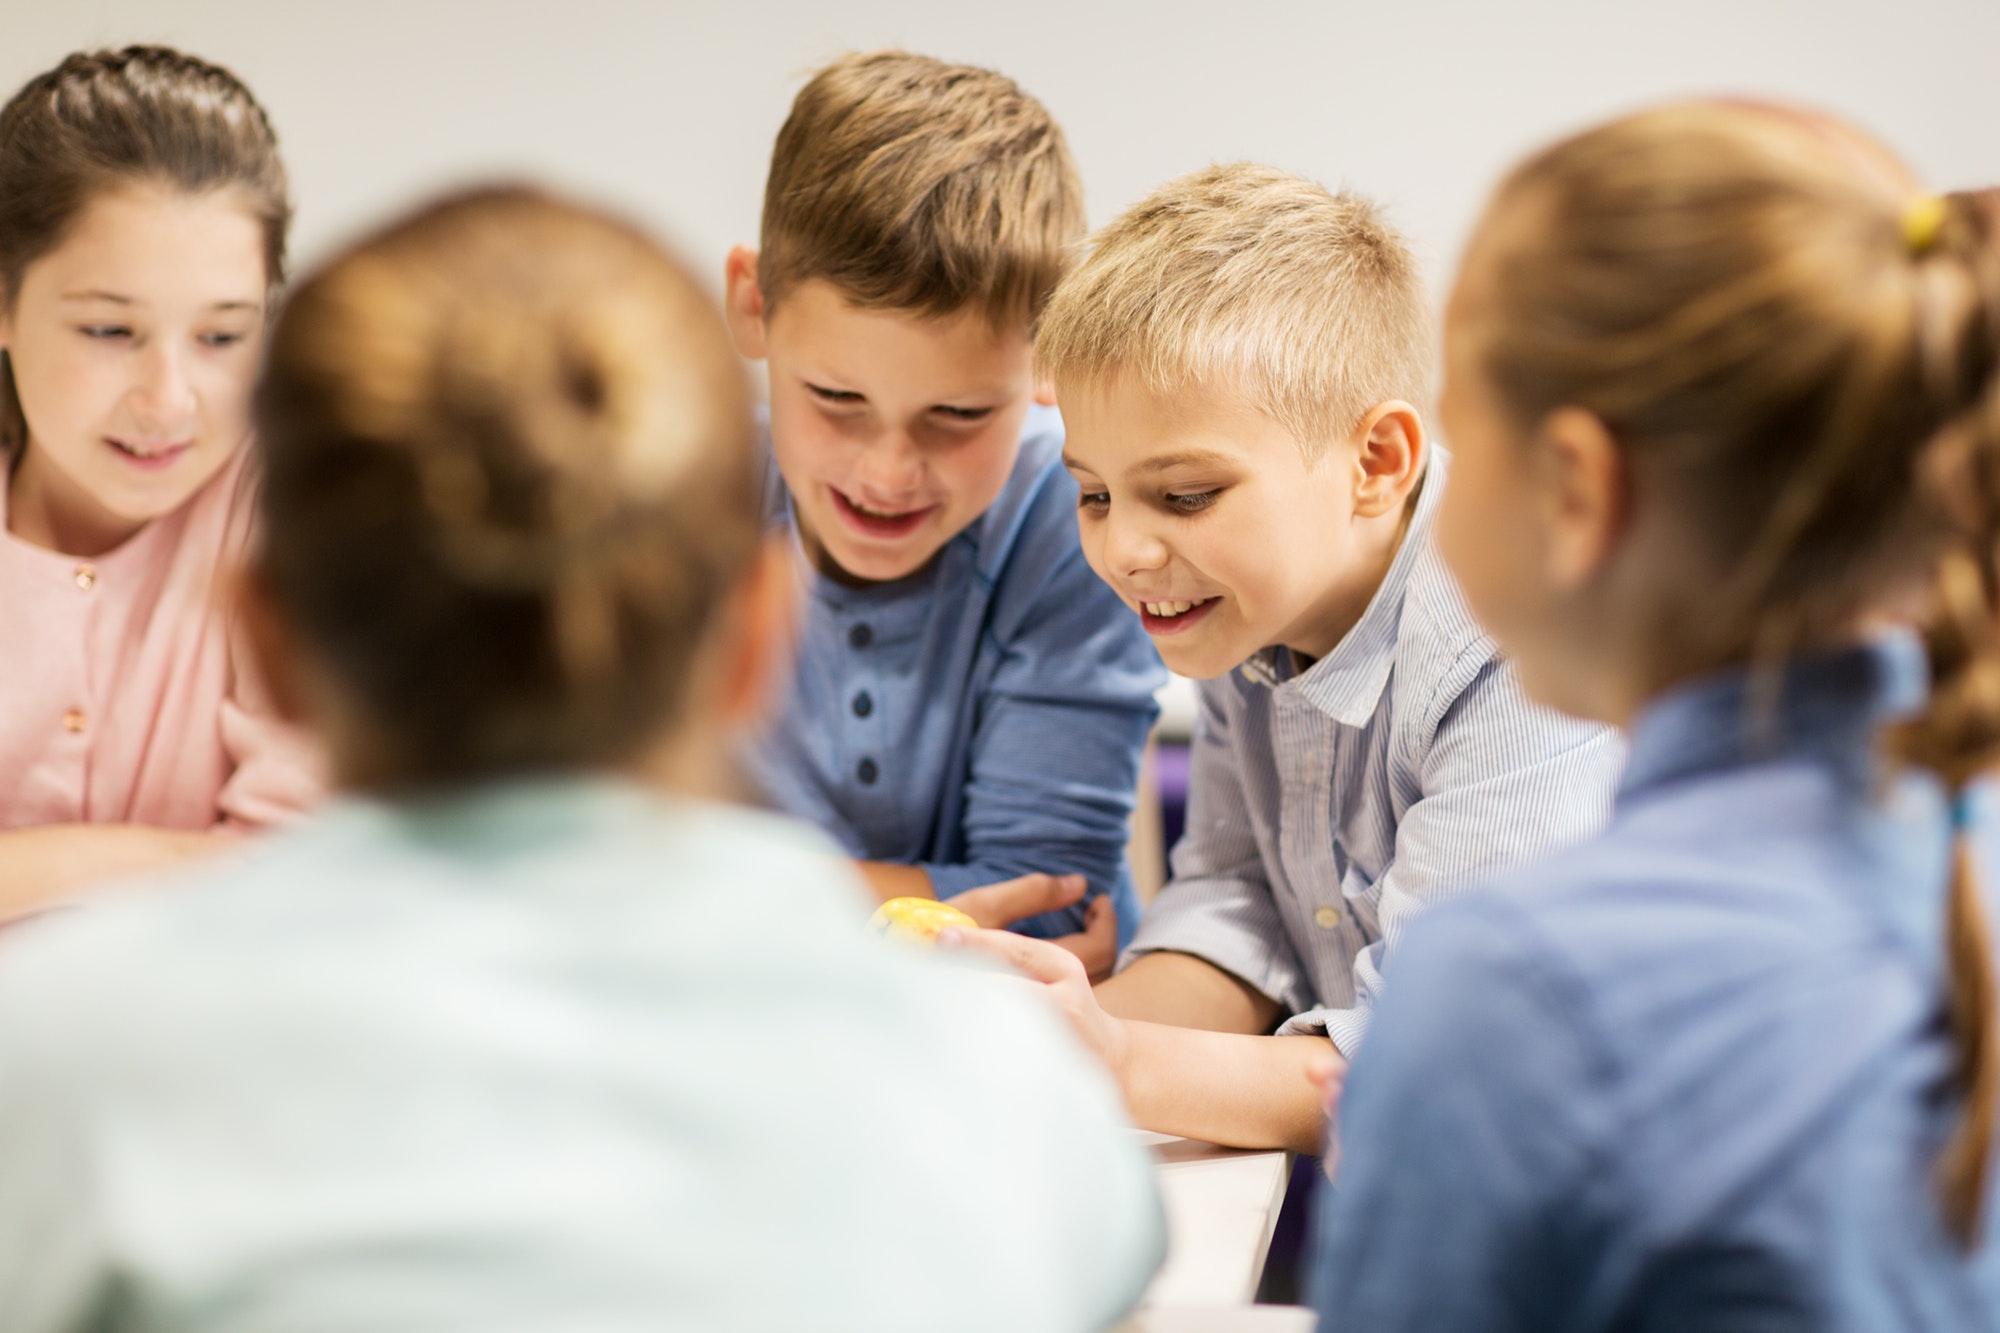 Yaş Gruplarına Göre Çocukların Gelişimsel Özellikleri